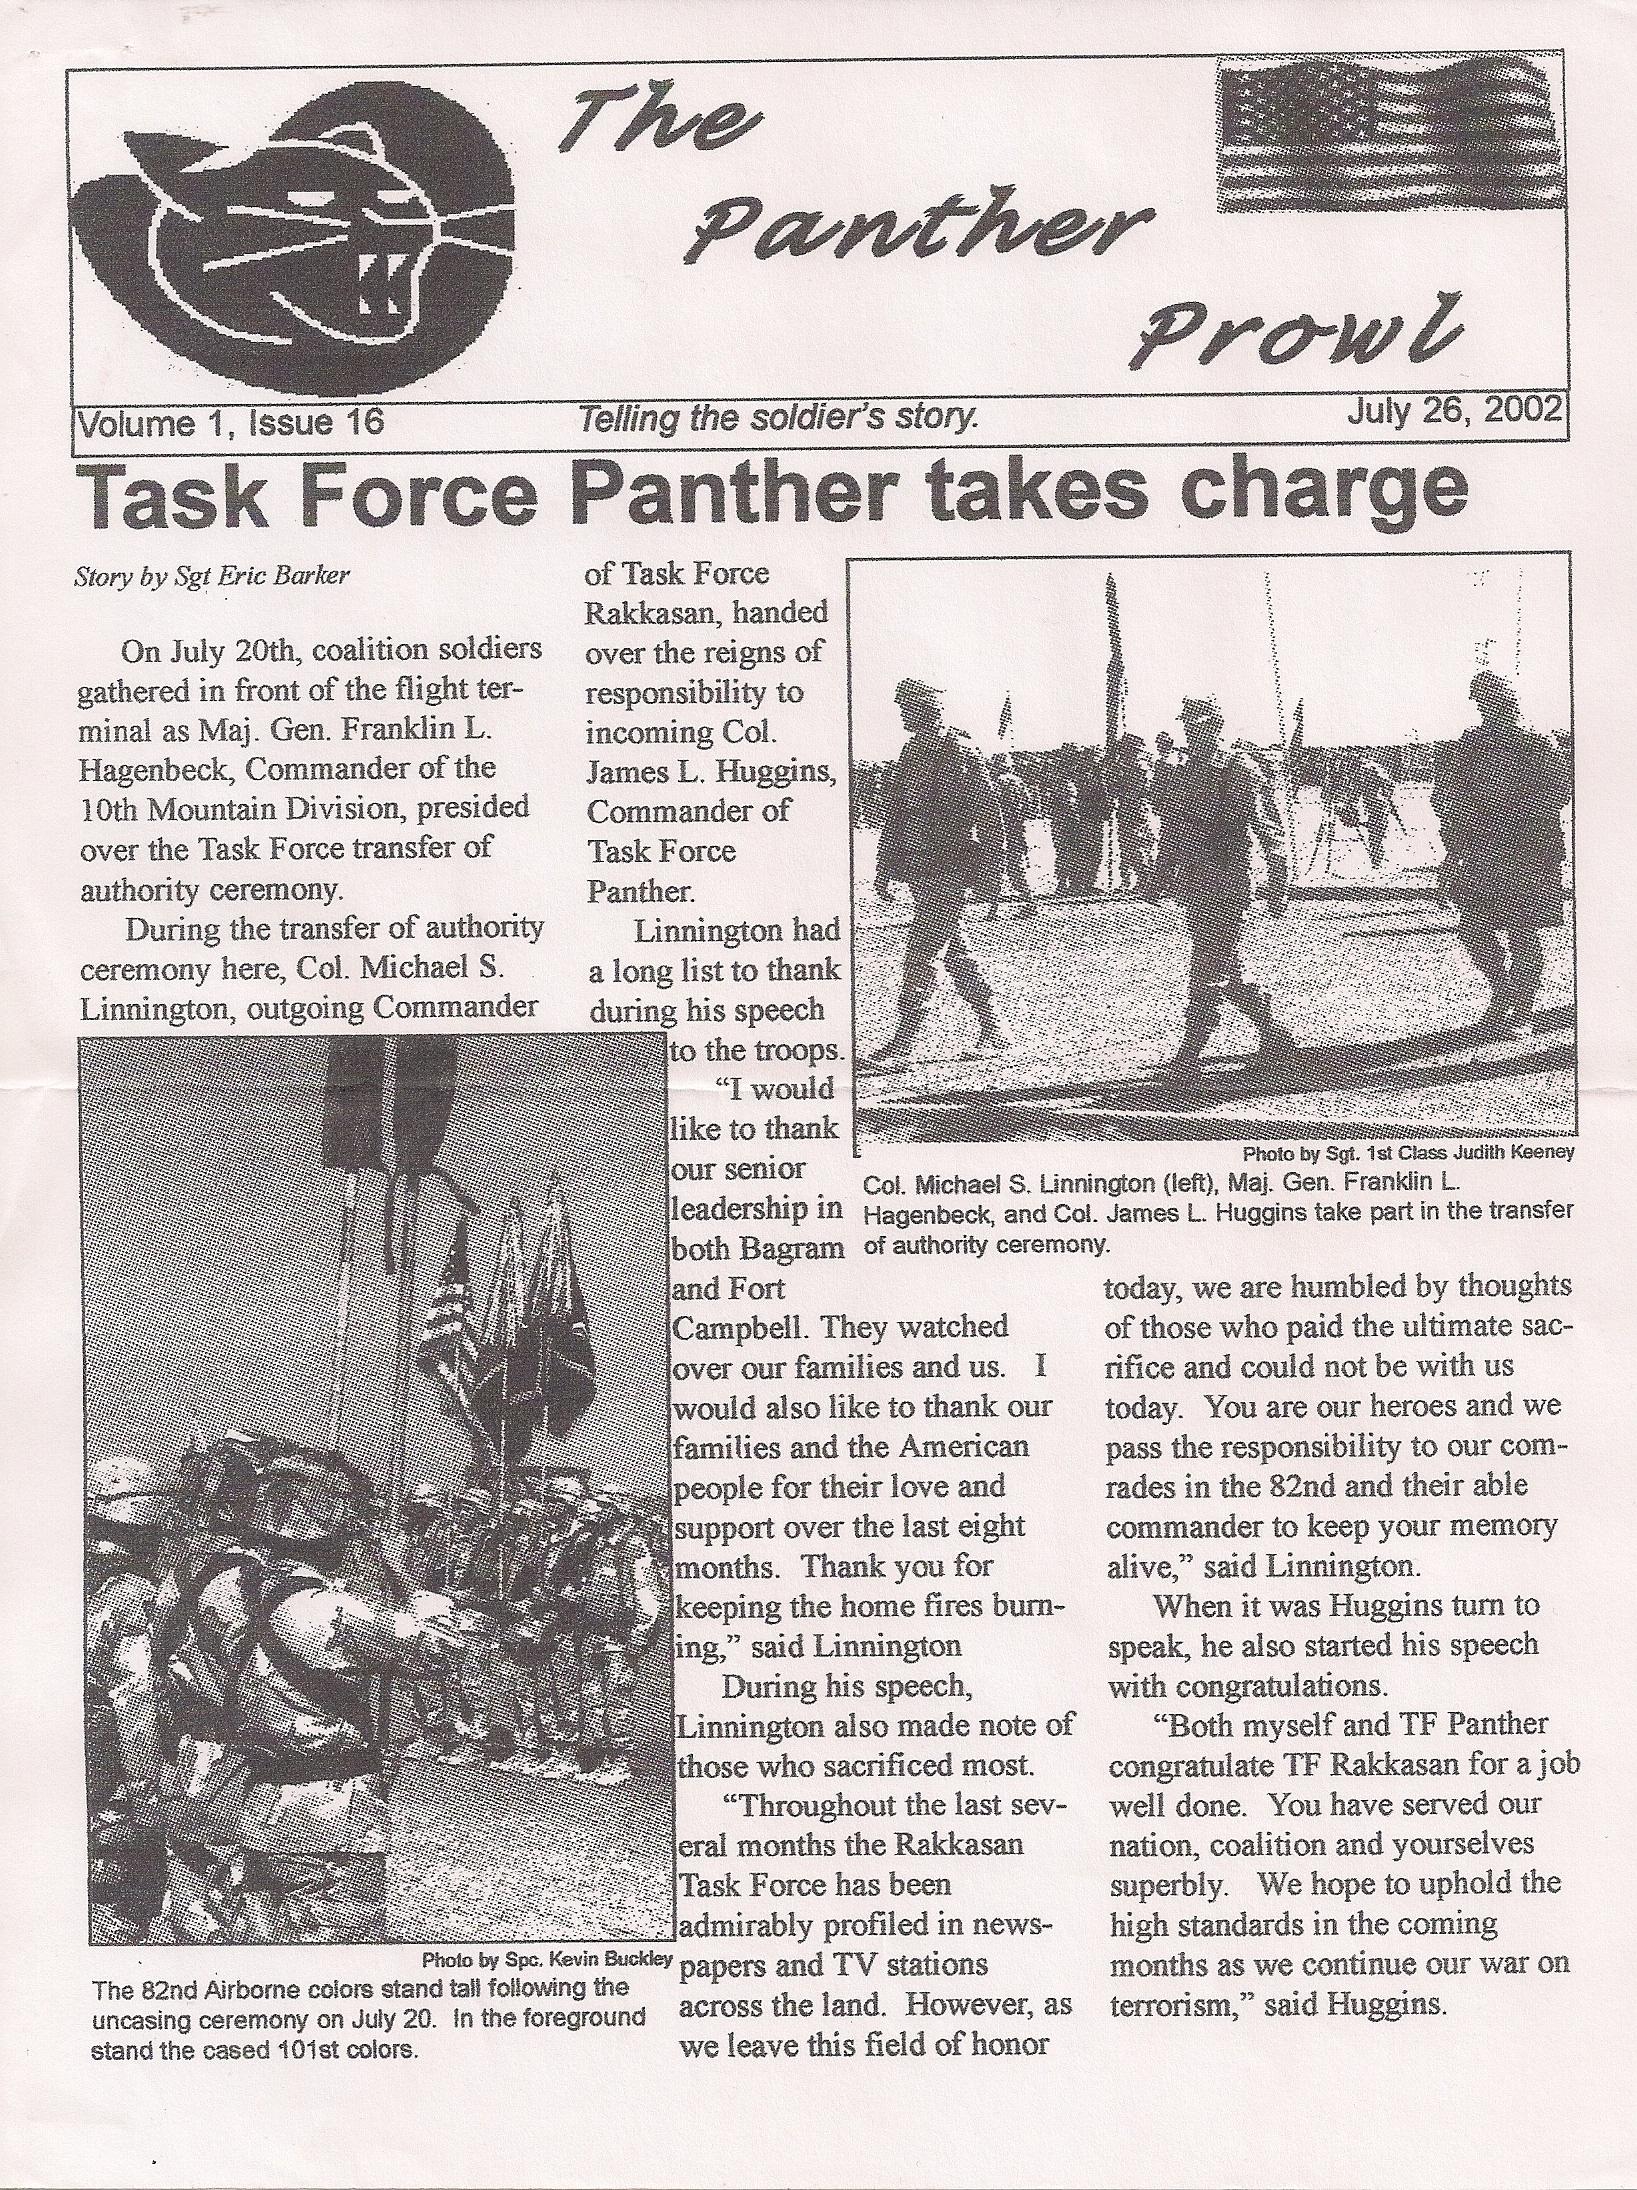 Panther Prowl pagina 1